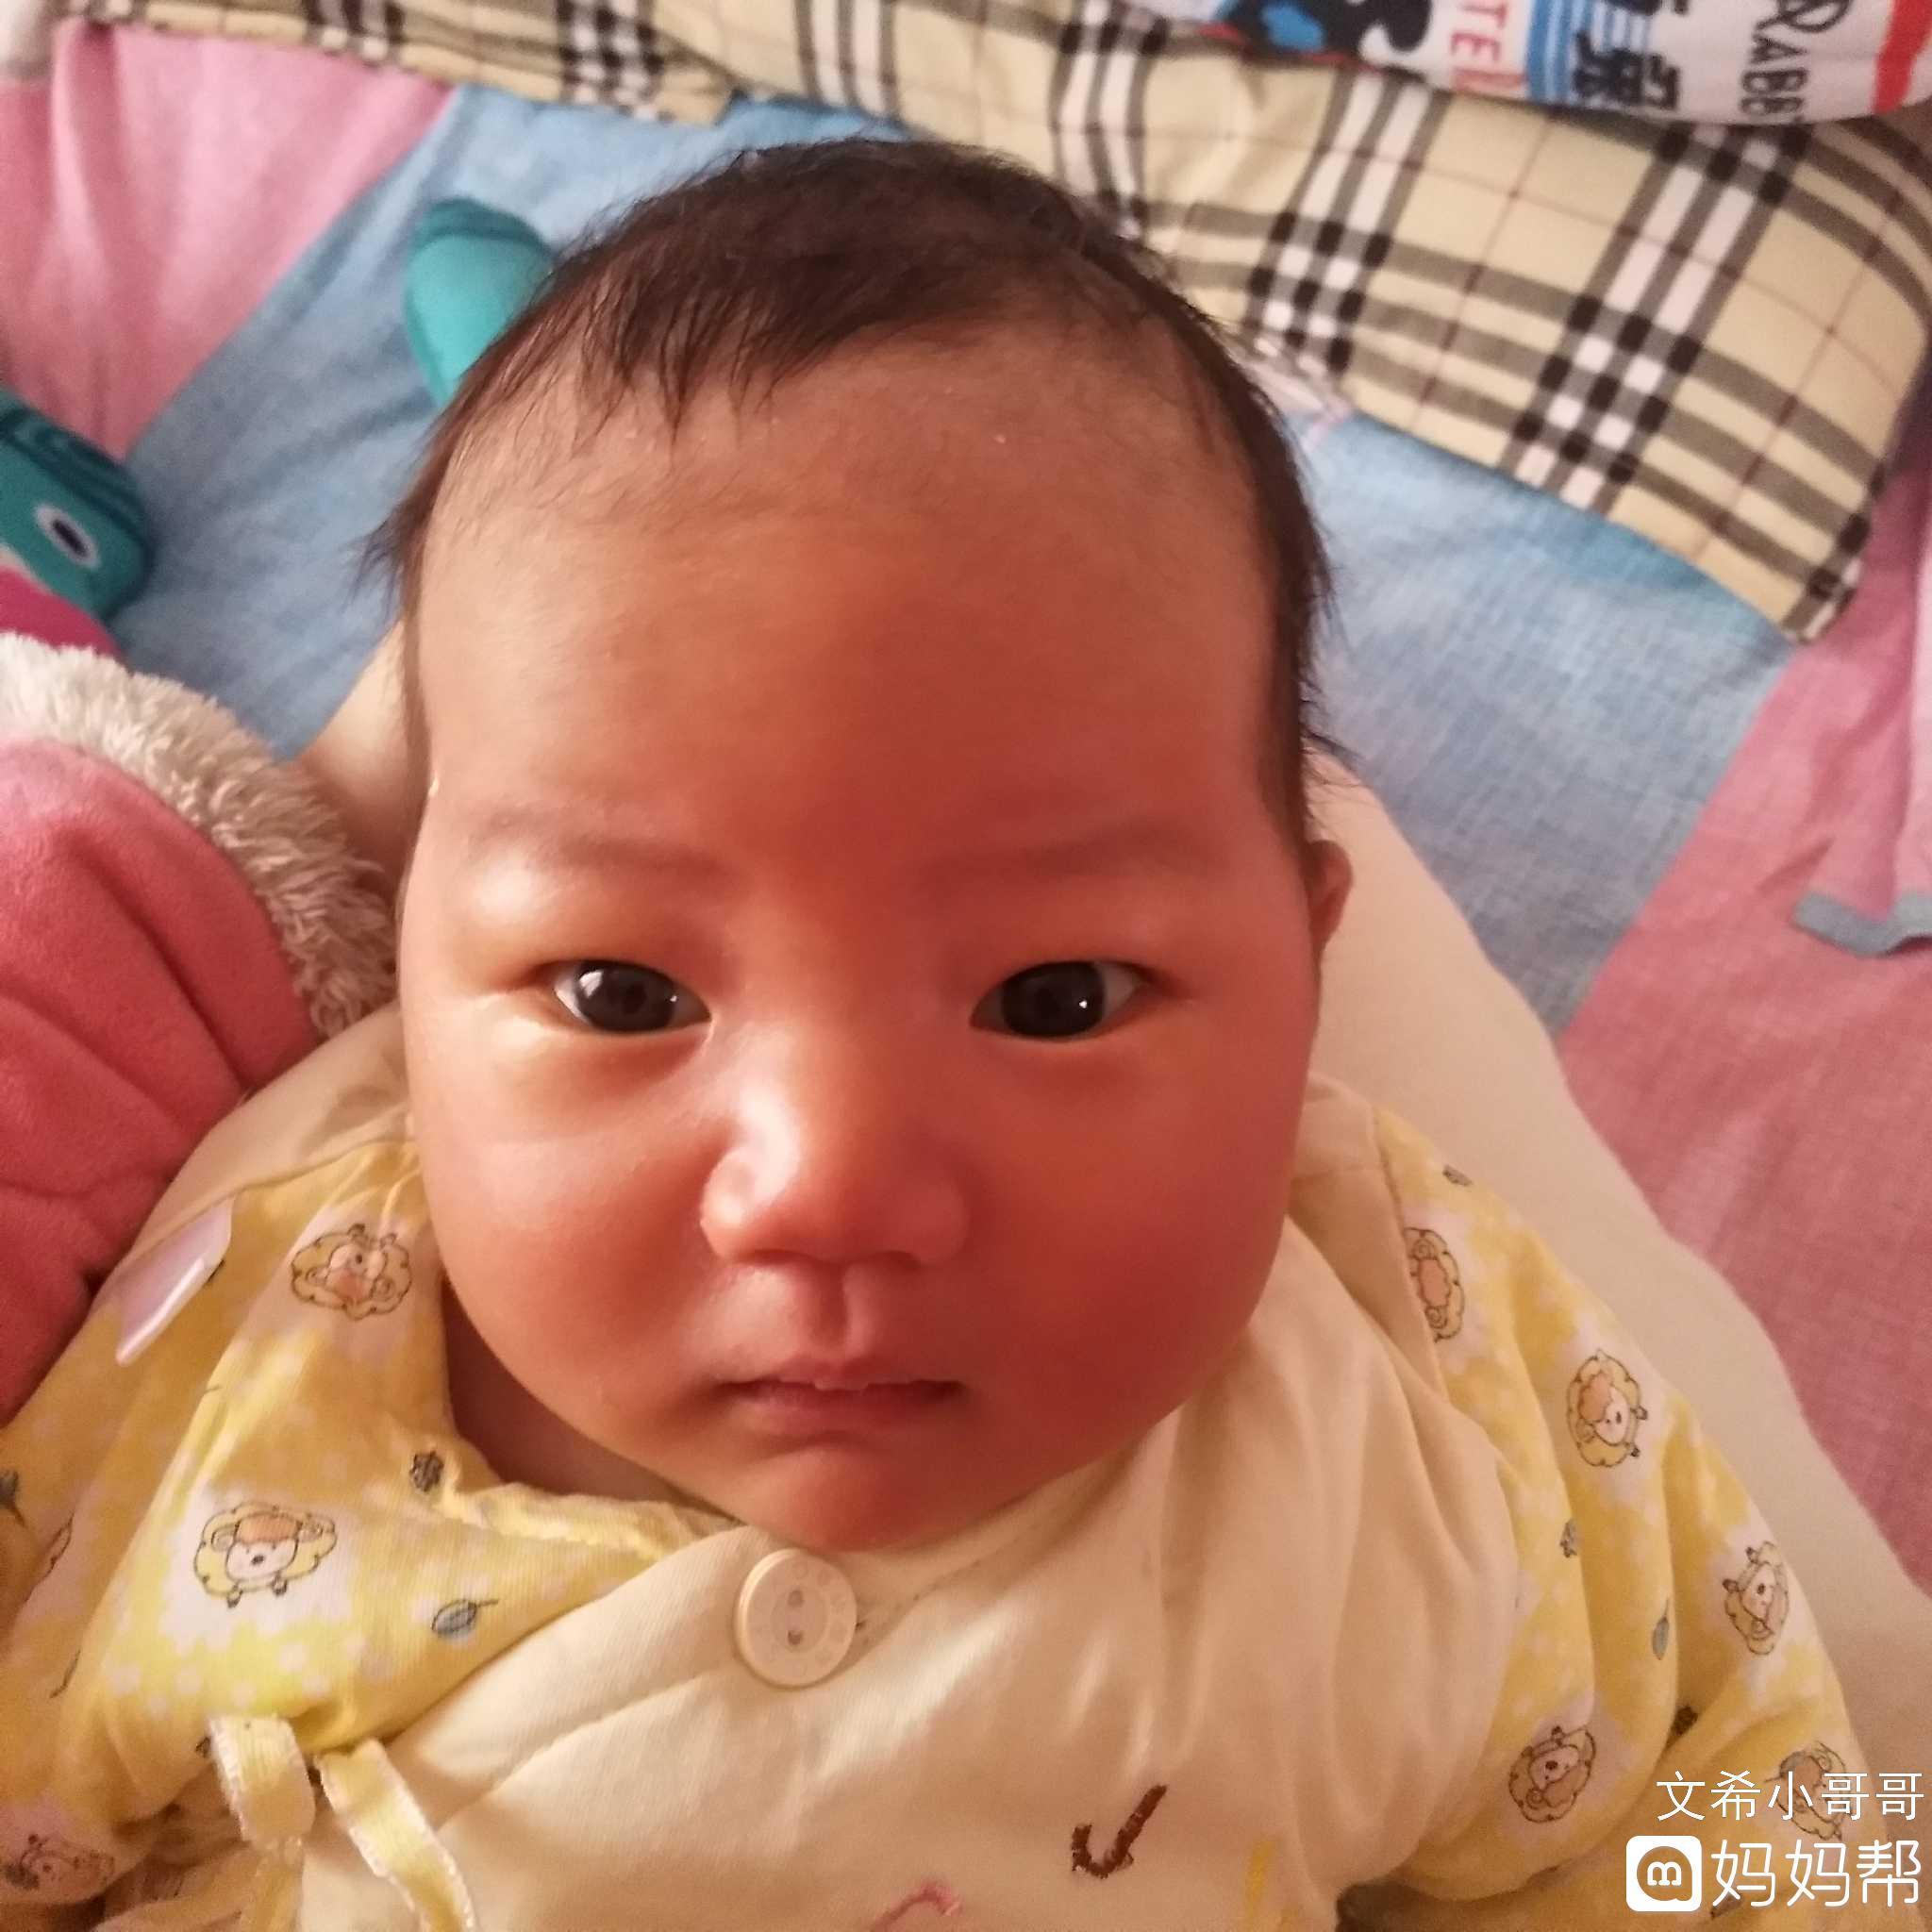 头型这男士是不是有点尖了?学生阳光宝宝帅气短发图片